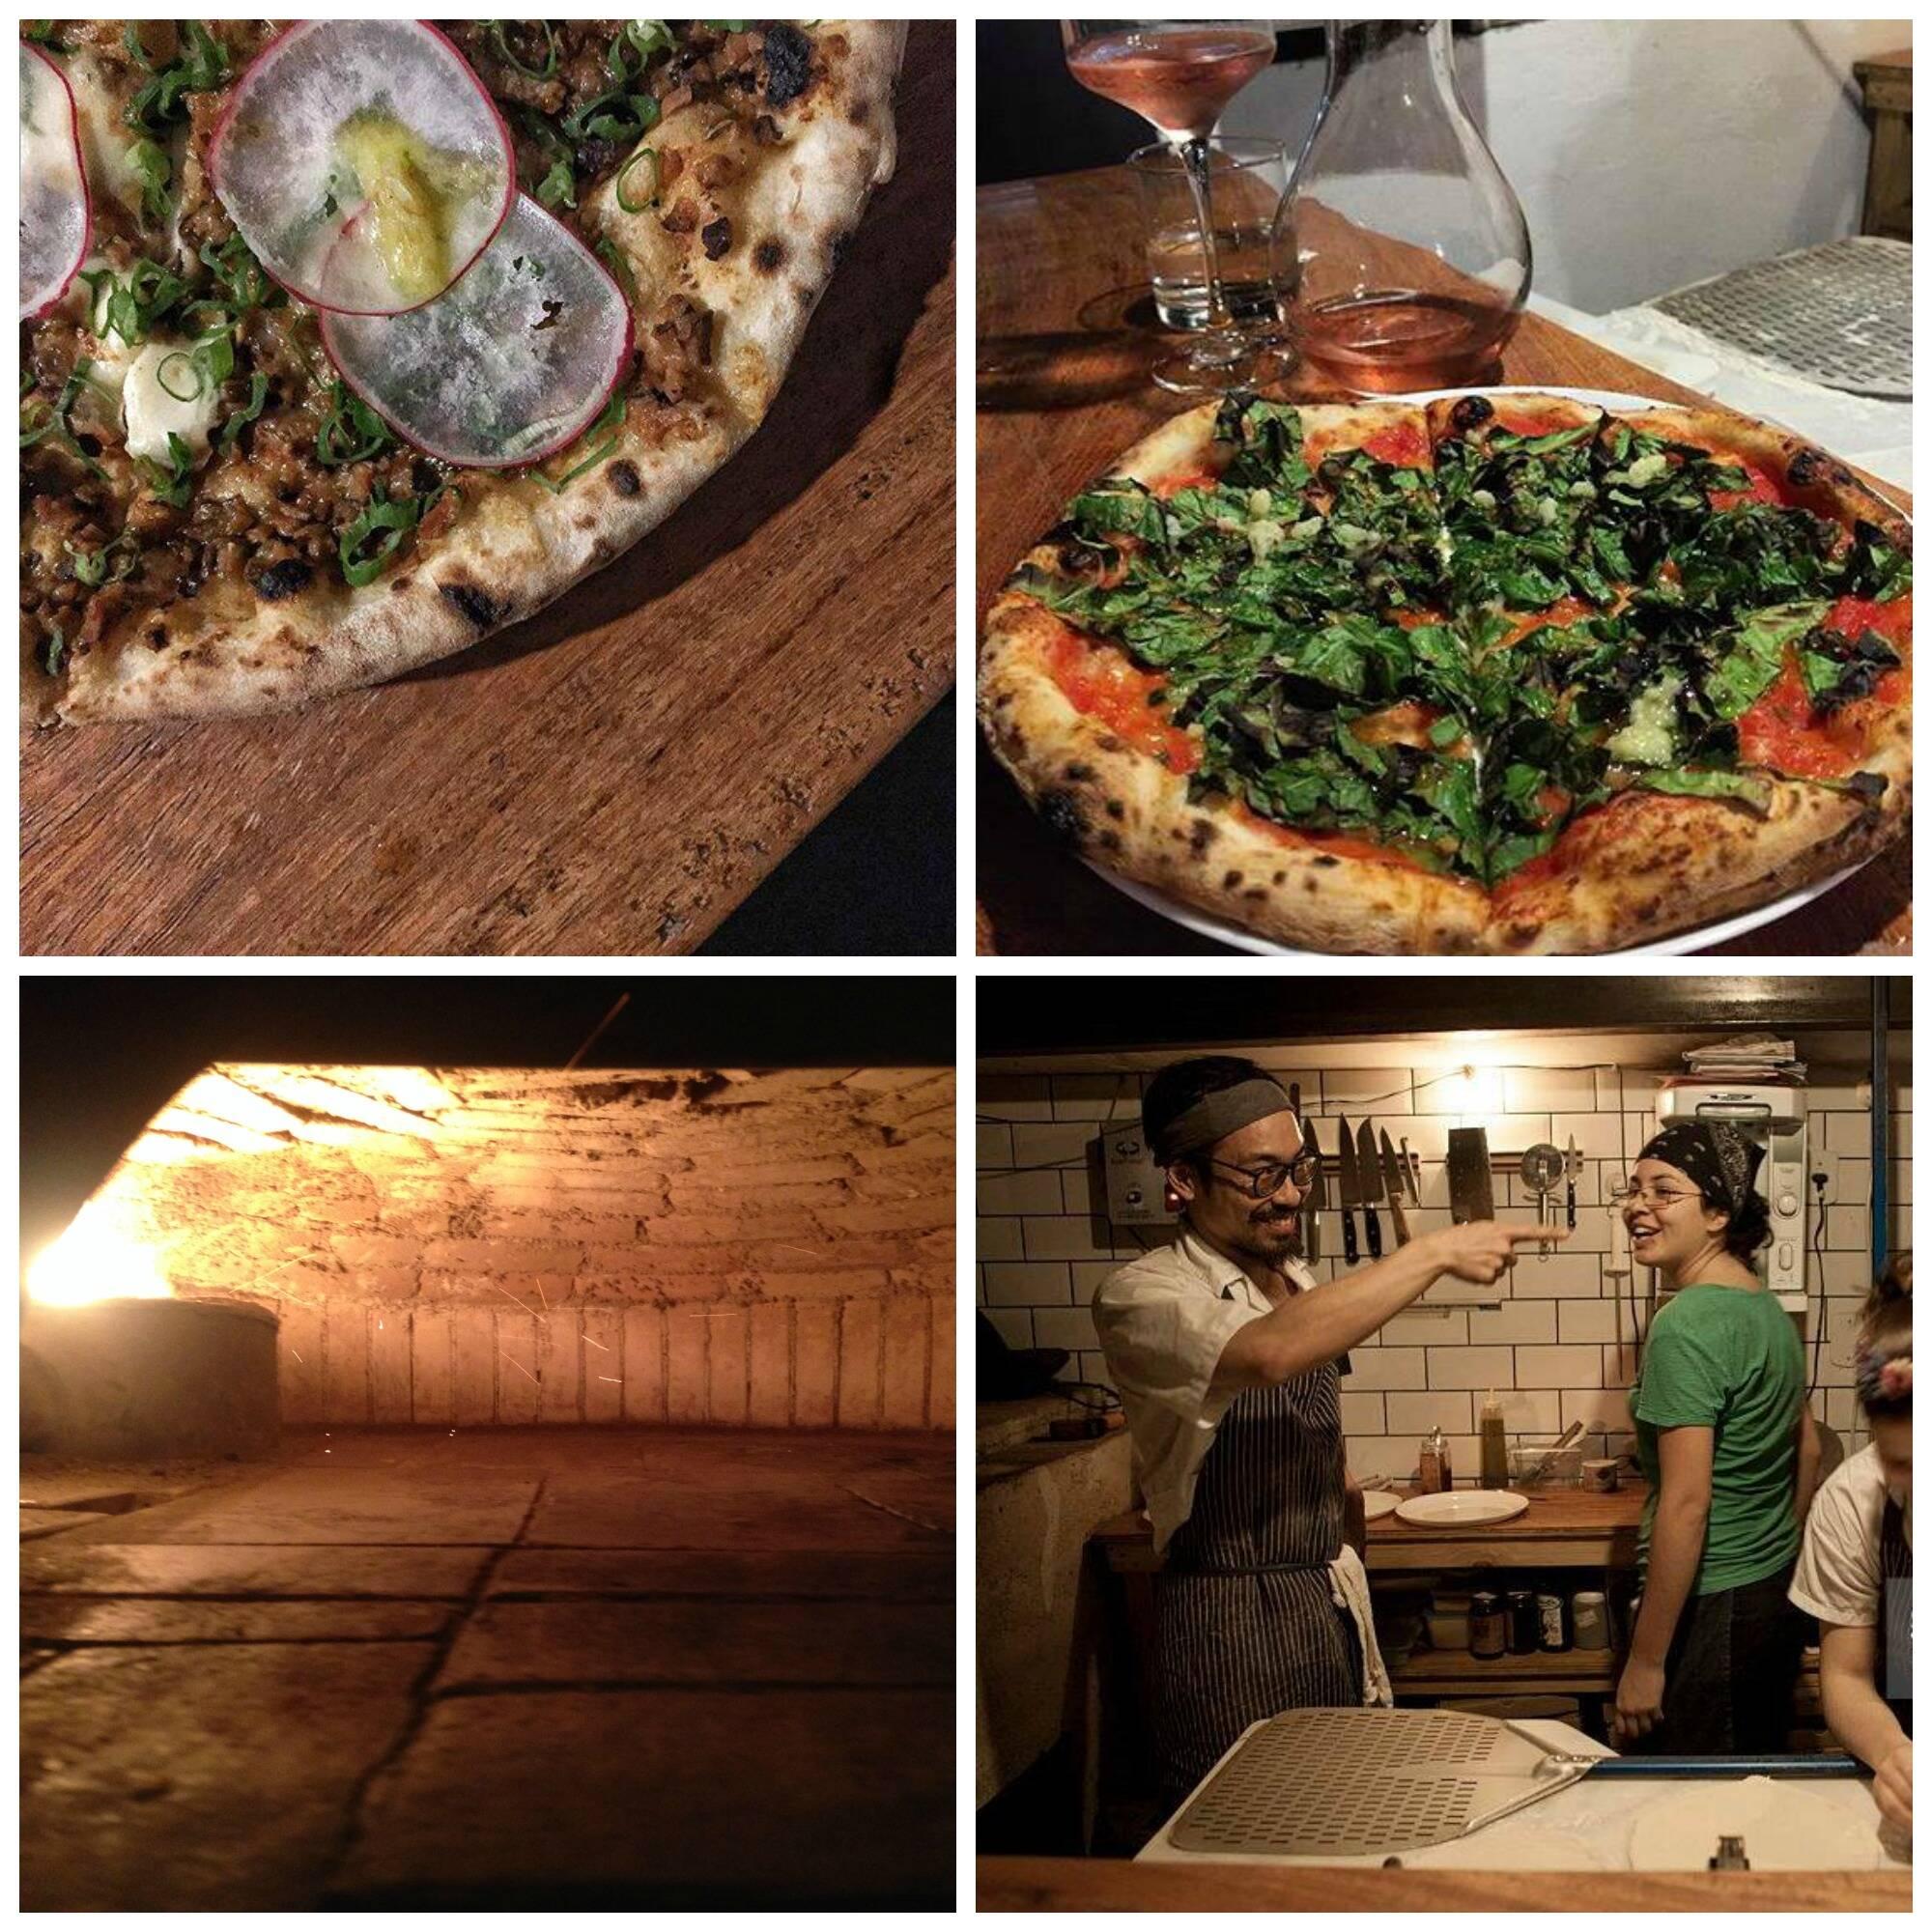 No sentido horário: pizza feia de Shiitake cozido num caldo de shoyu, tomates e anis estrela, temperado com feijão fermentado e missô; pizza feita com folhas de couve marinada em shoyu e gengibre, alho confit, e mel picante; os chefs da pizzaria; fotos do interior do forno/Fotos: reprodução do facebook